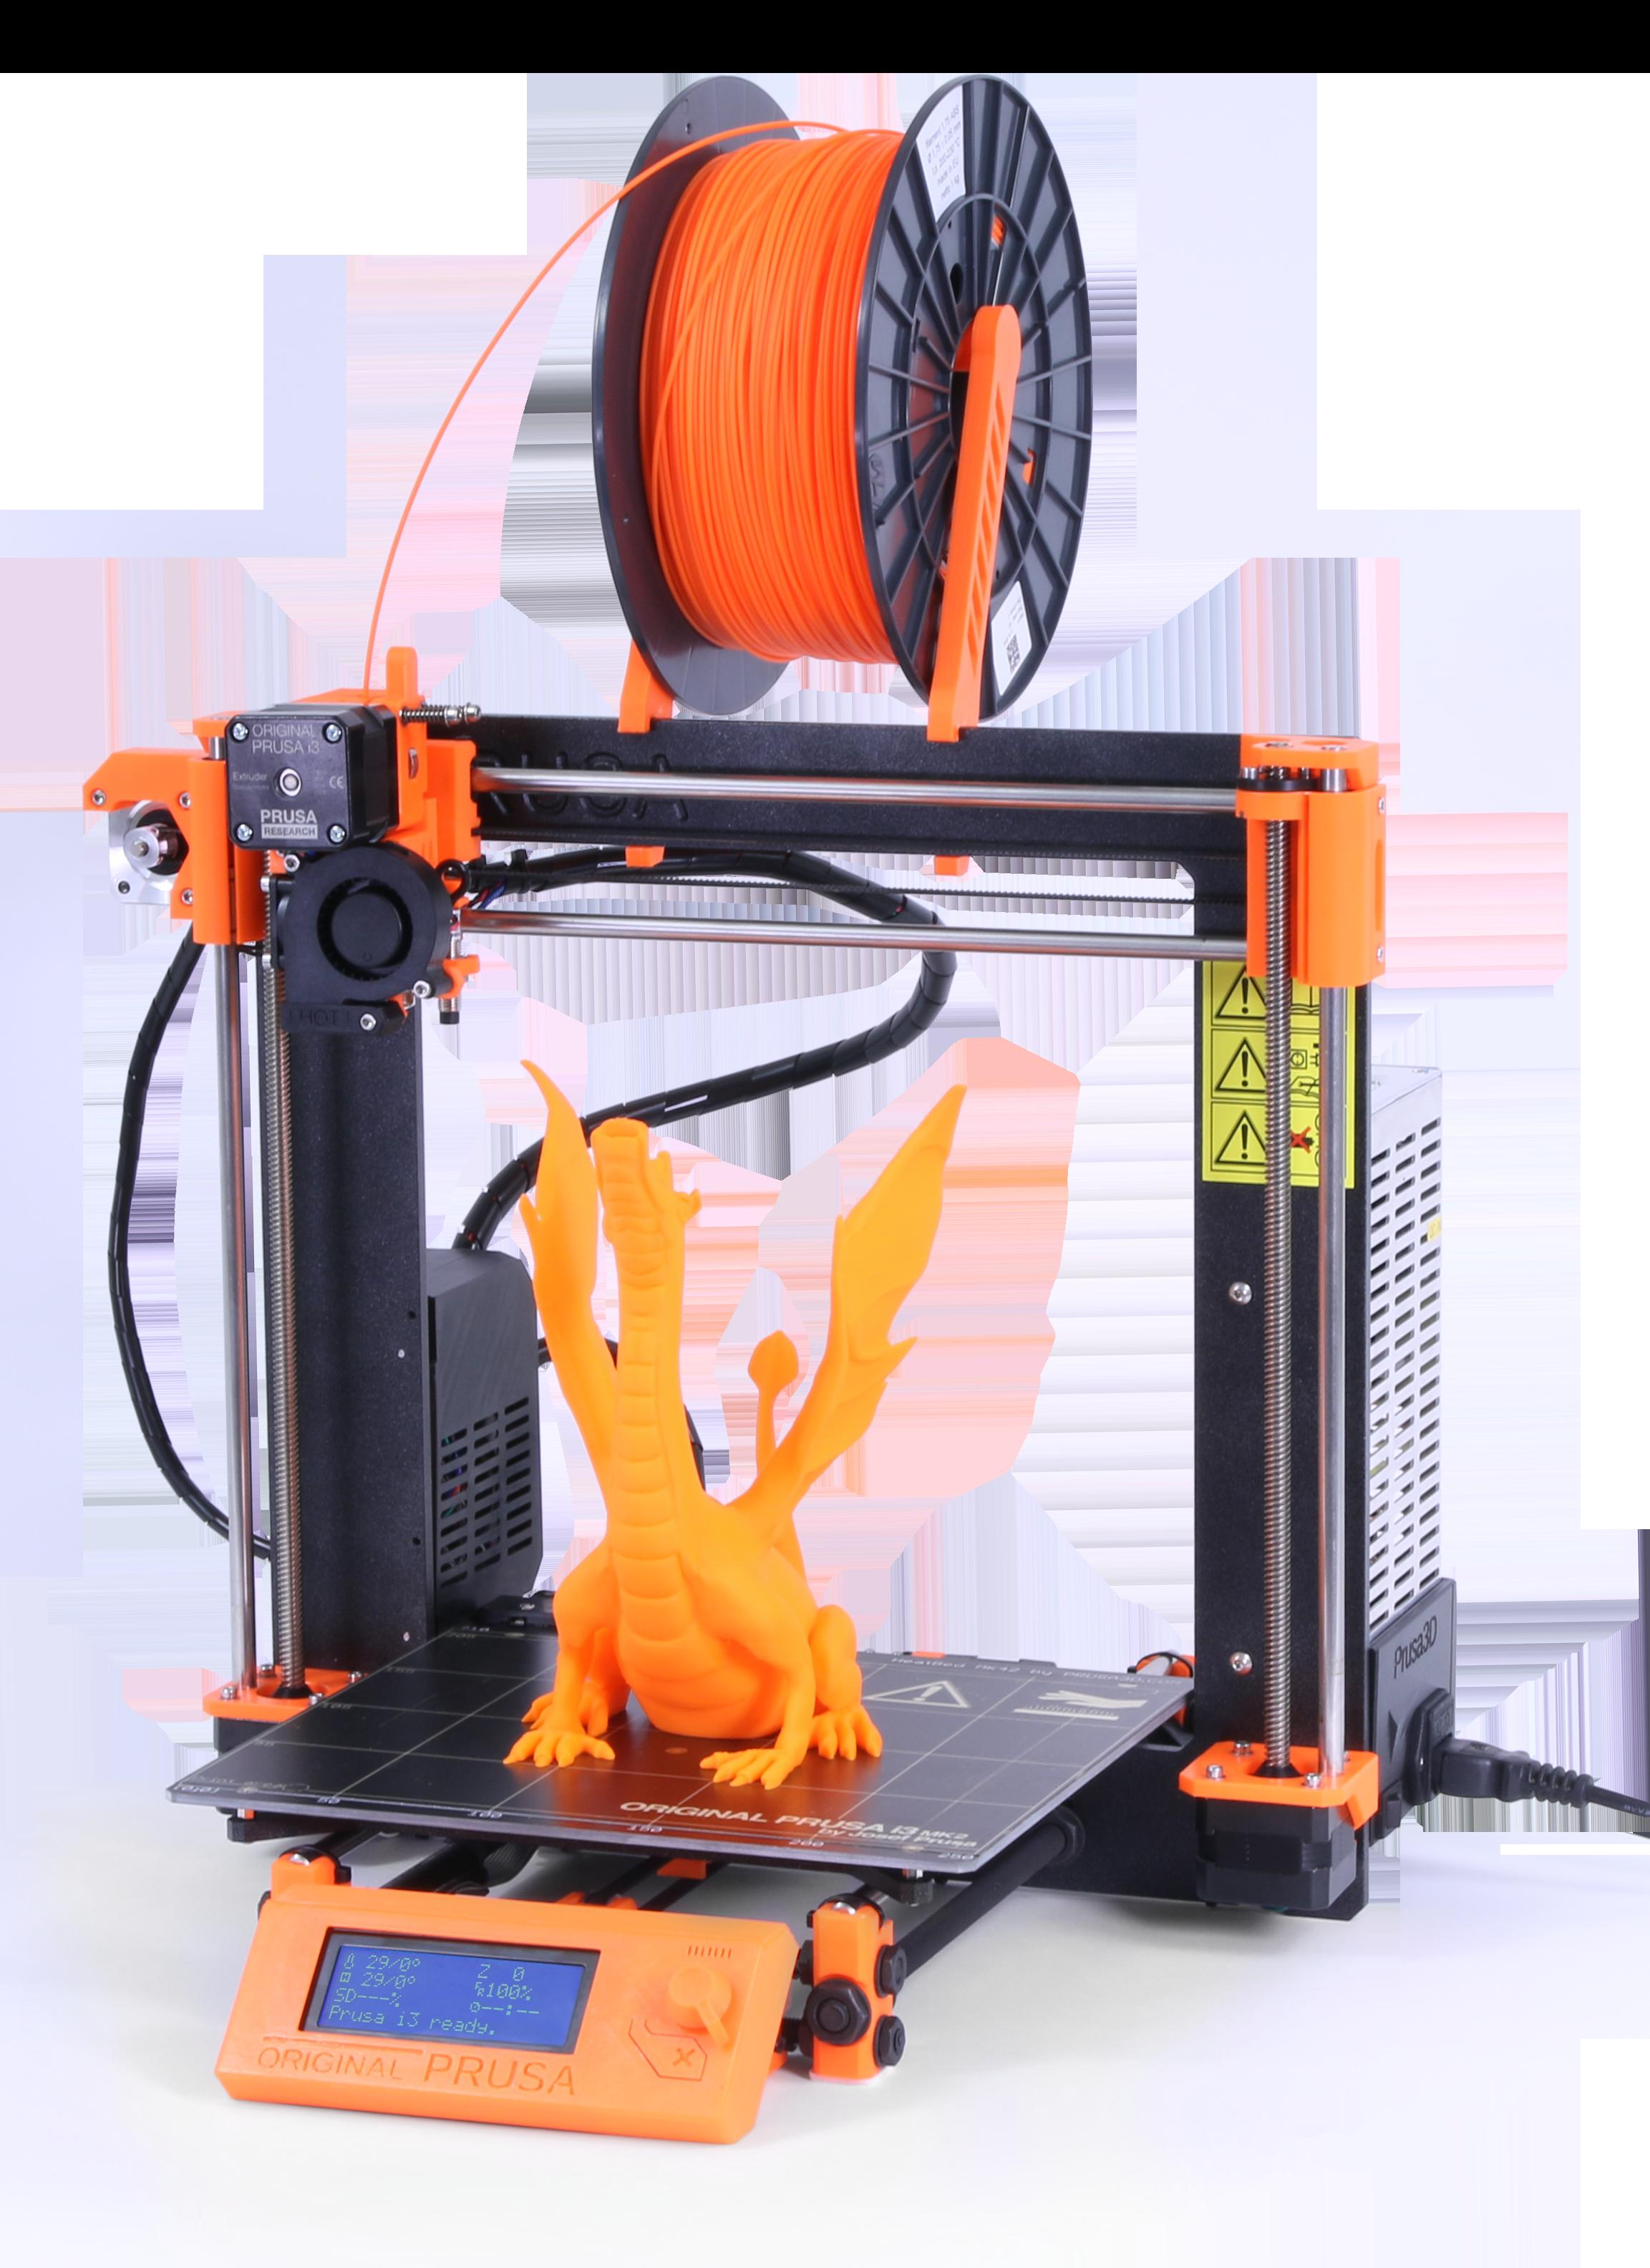 Original Prusa I3 MK2 3D Printer Reviews & Specs